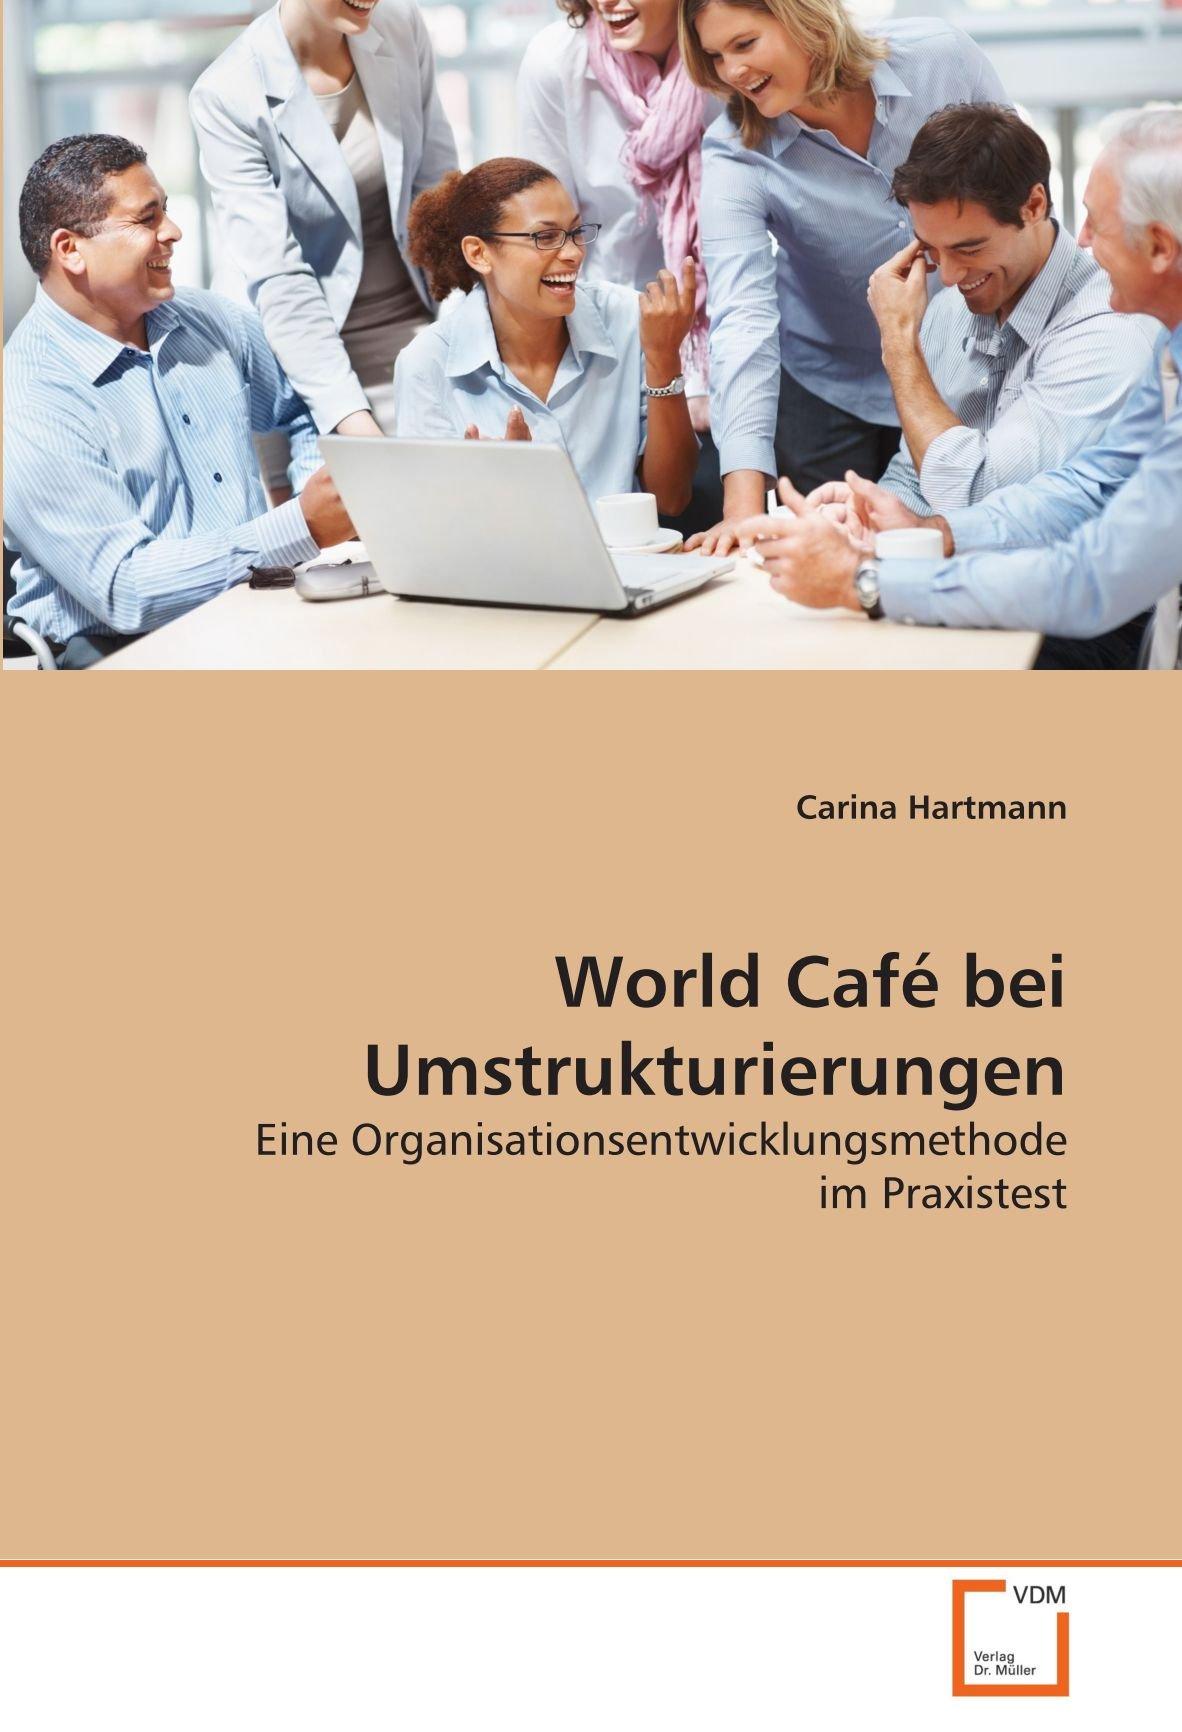 world-caf-bei-umstrukturierungen-eine-organisationsentwicklungsmethode-im-praxistest